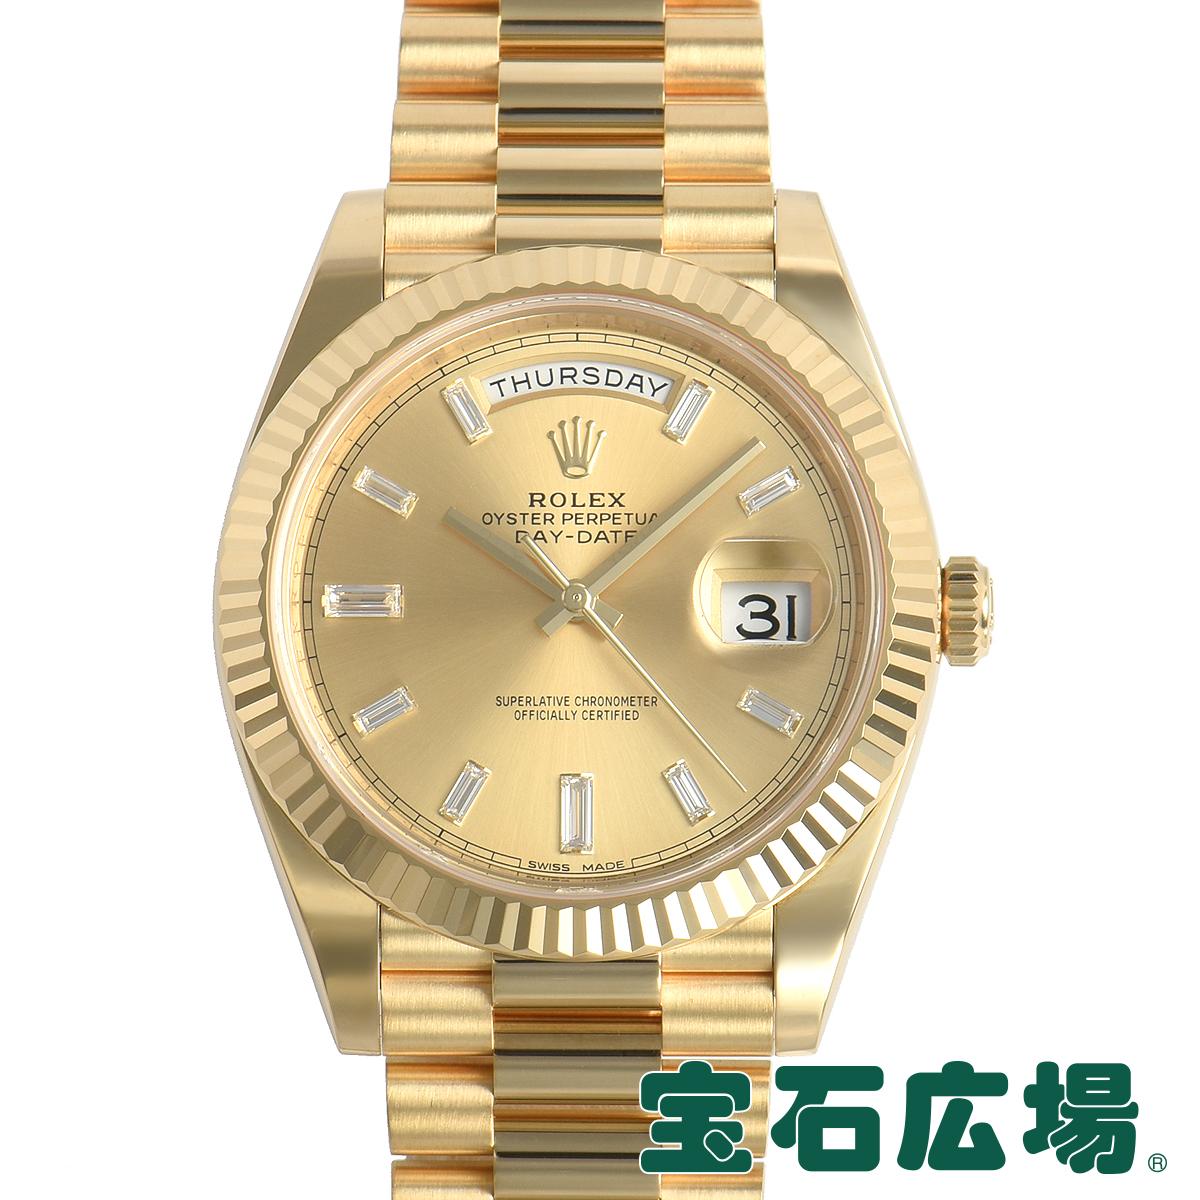 ロレックス ROLEX デイデイト40 228238A【中古】メンズ 腕時計 送料・代引手数料無料